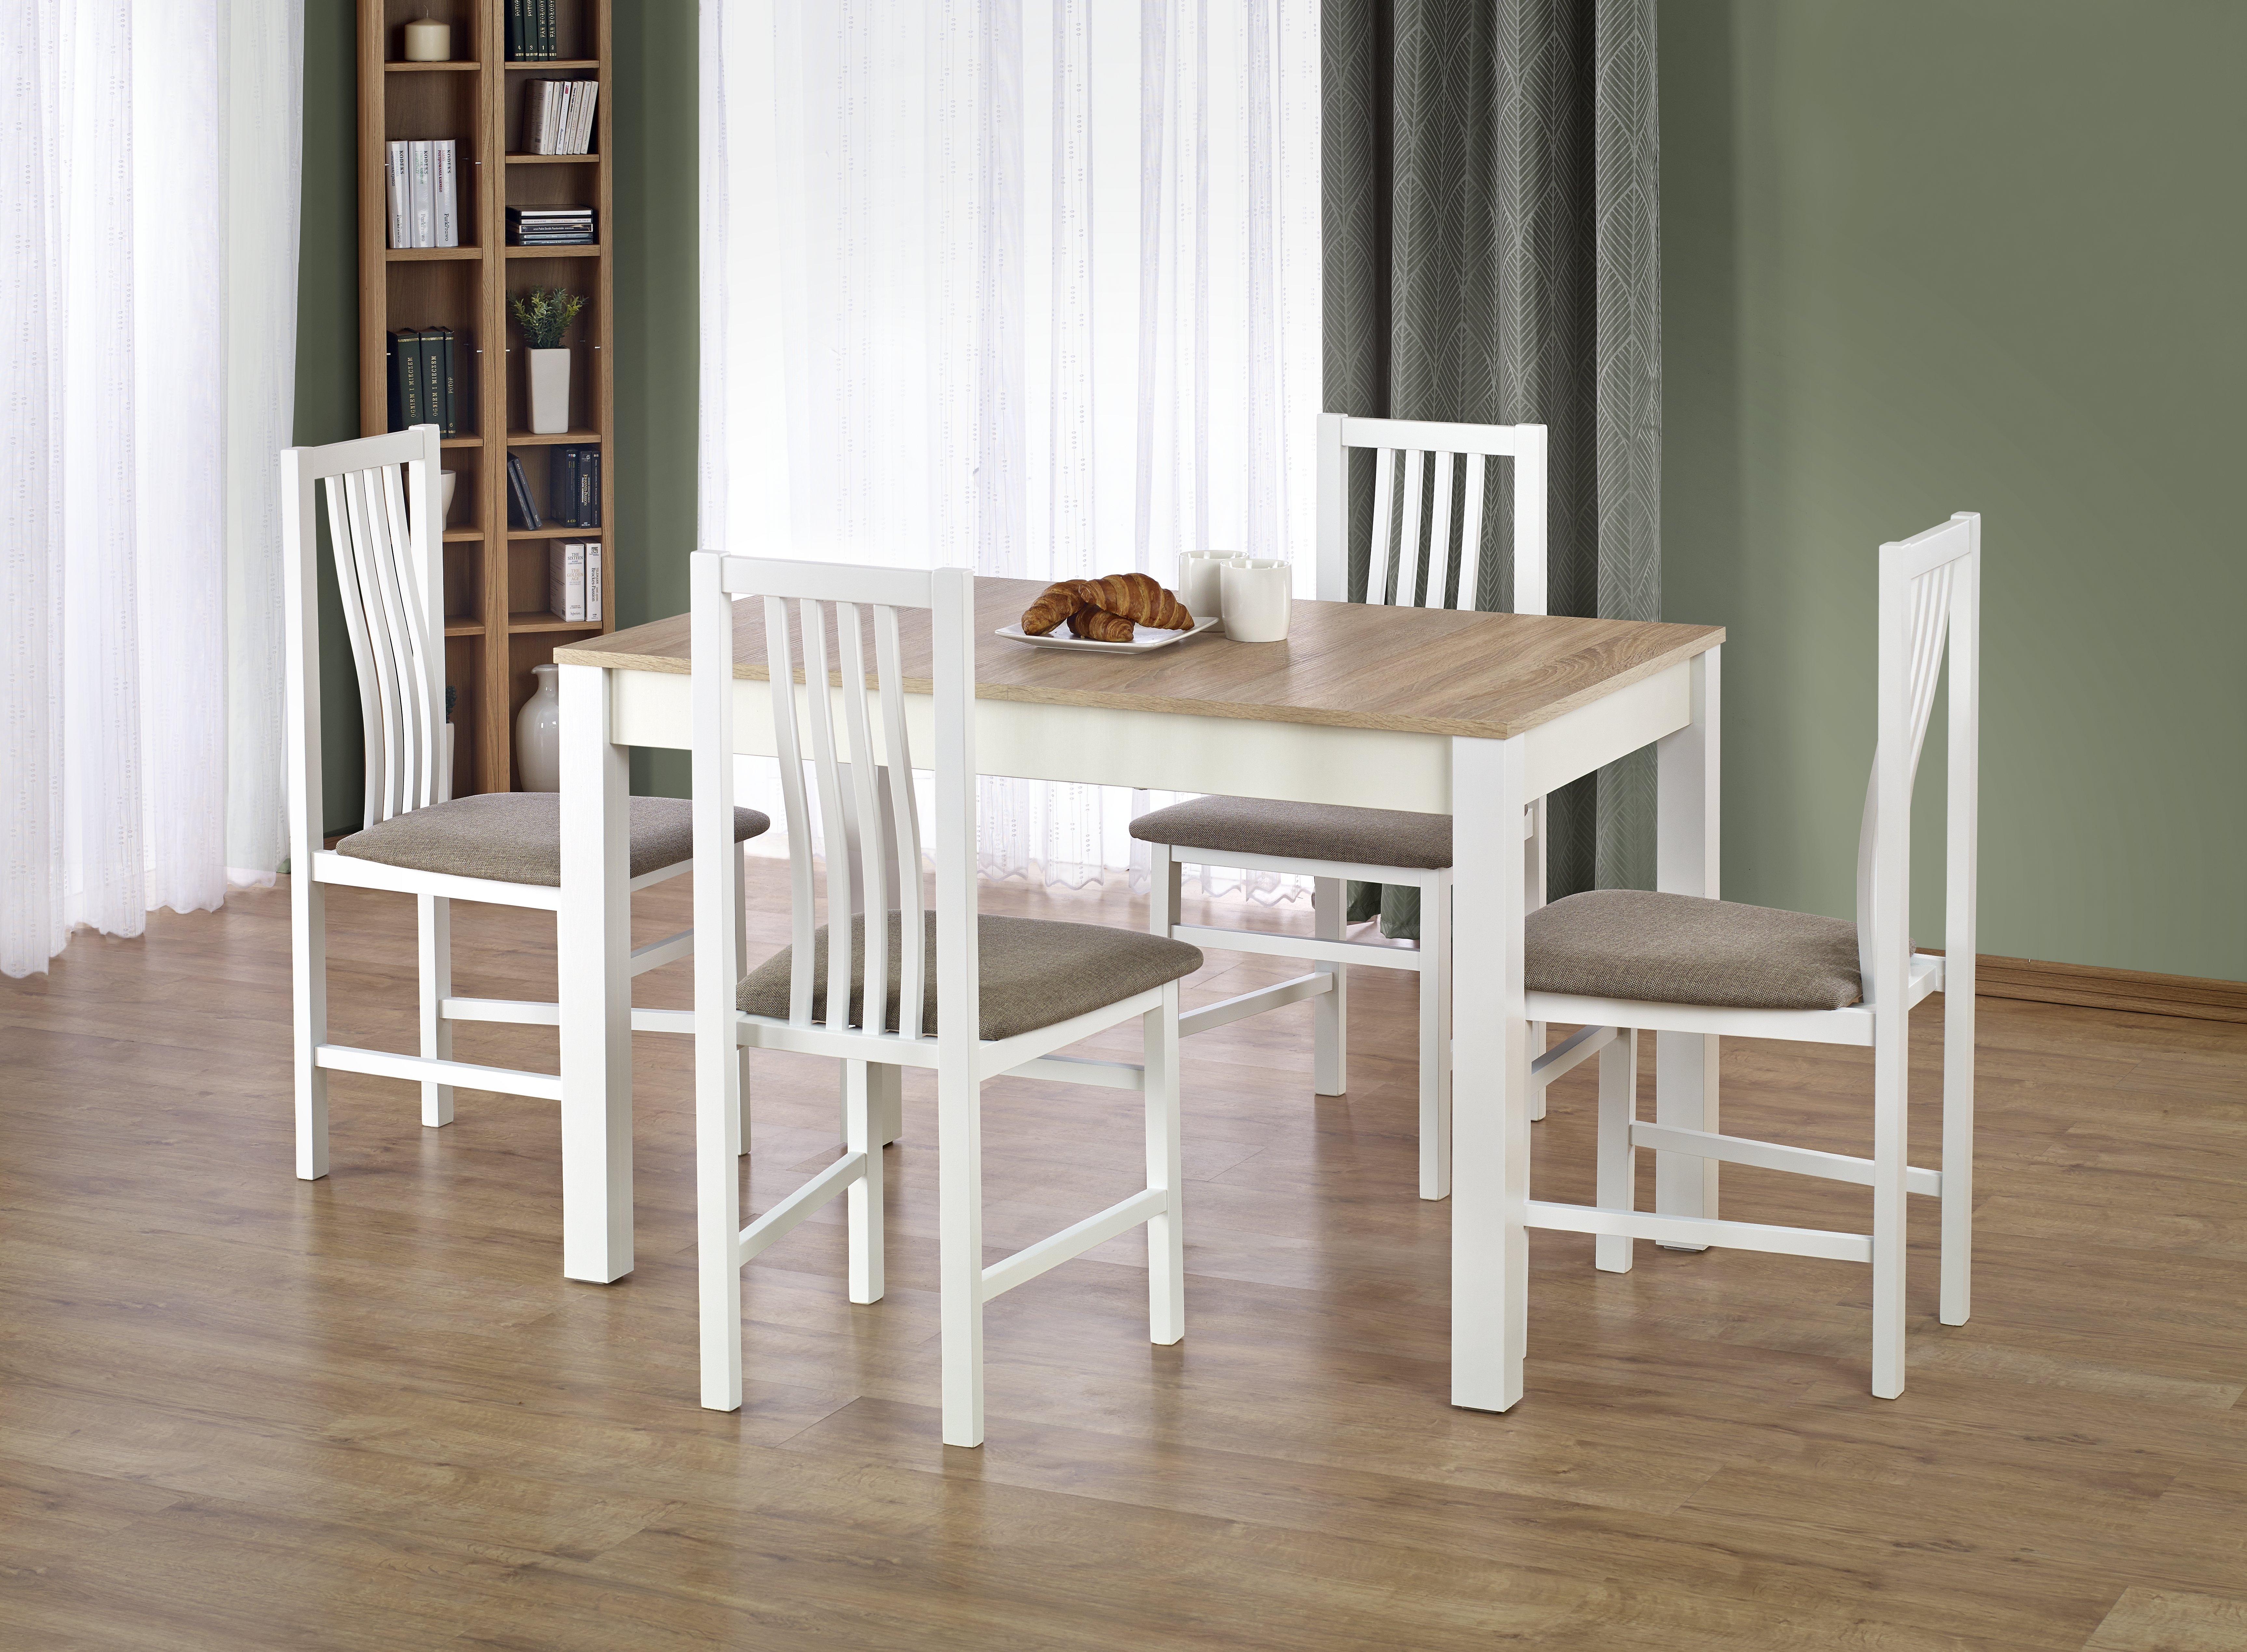 Jedálenský stôl - Halmar - Ksawery (dub sonoma + biela) (pre 4 osoby). Sme autorizovaný predajca Halmar. Vlastná spoľahlivá doprava až k Vám domov.